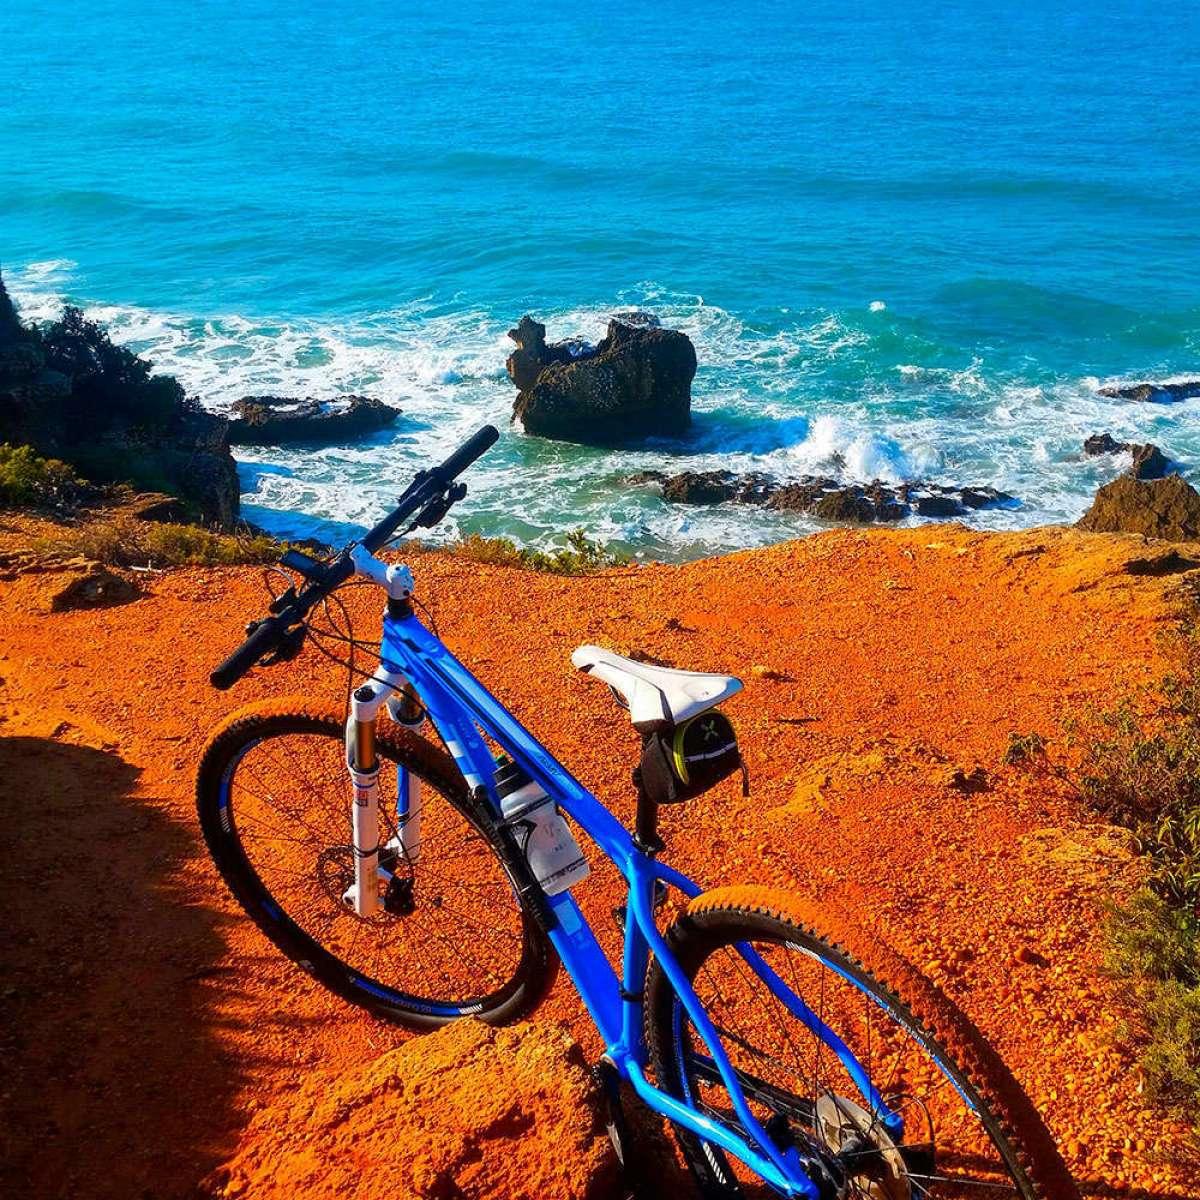 En TodoMountainBike: La foto del día en TodoMountainBike: 'Calas de Roche (Cádiz)'